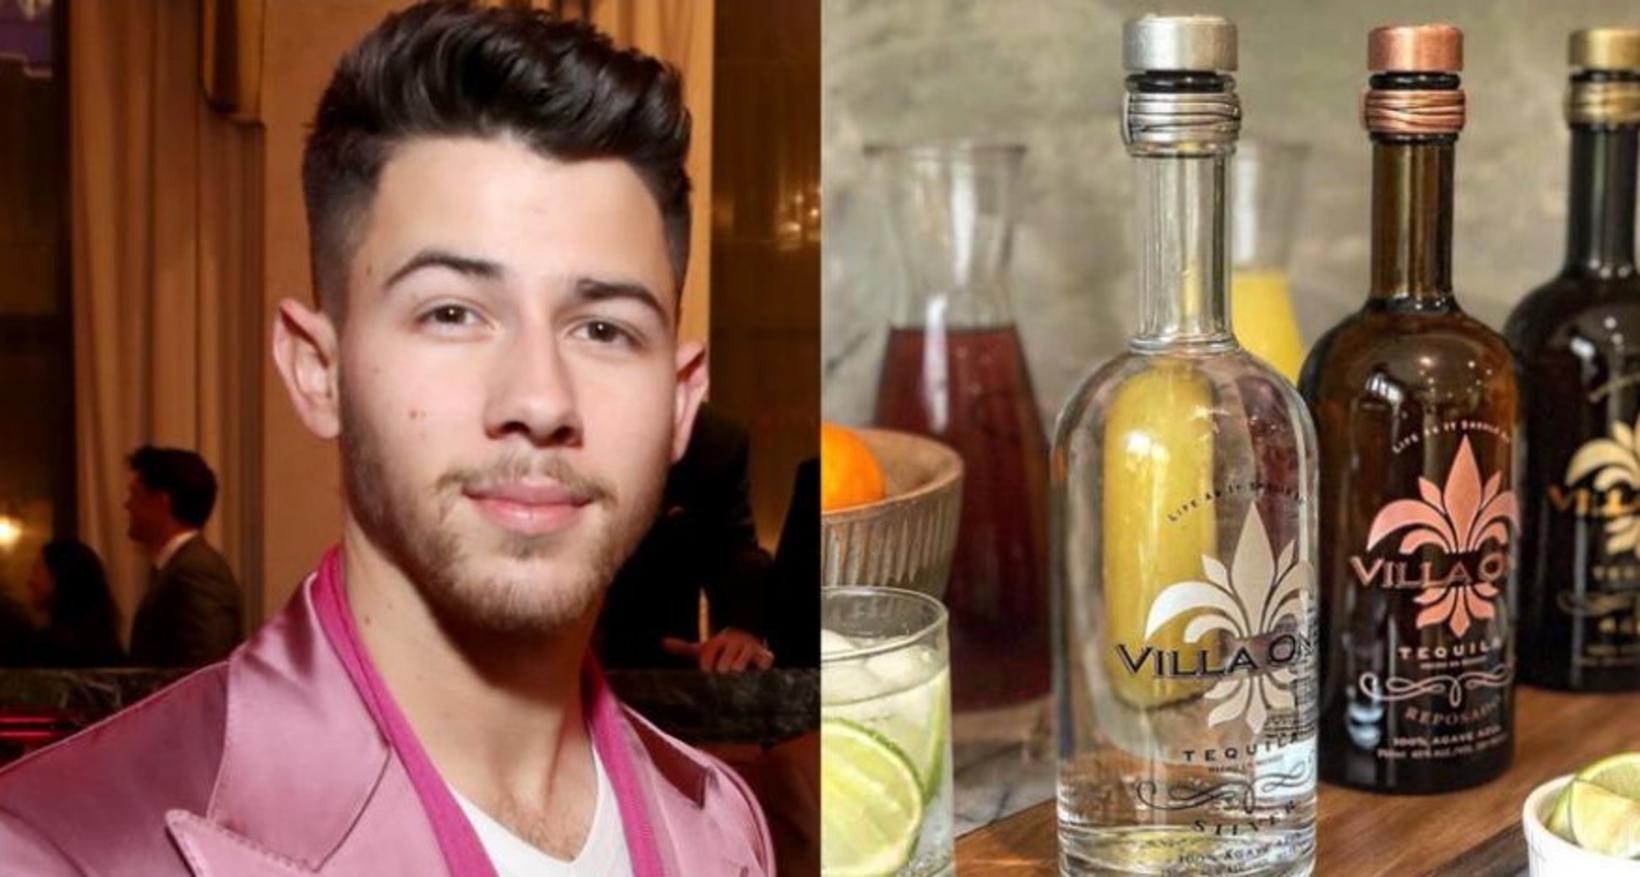 Ef þú þekkir Villa One tequilað, þá er það Nick …